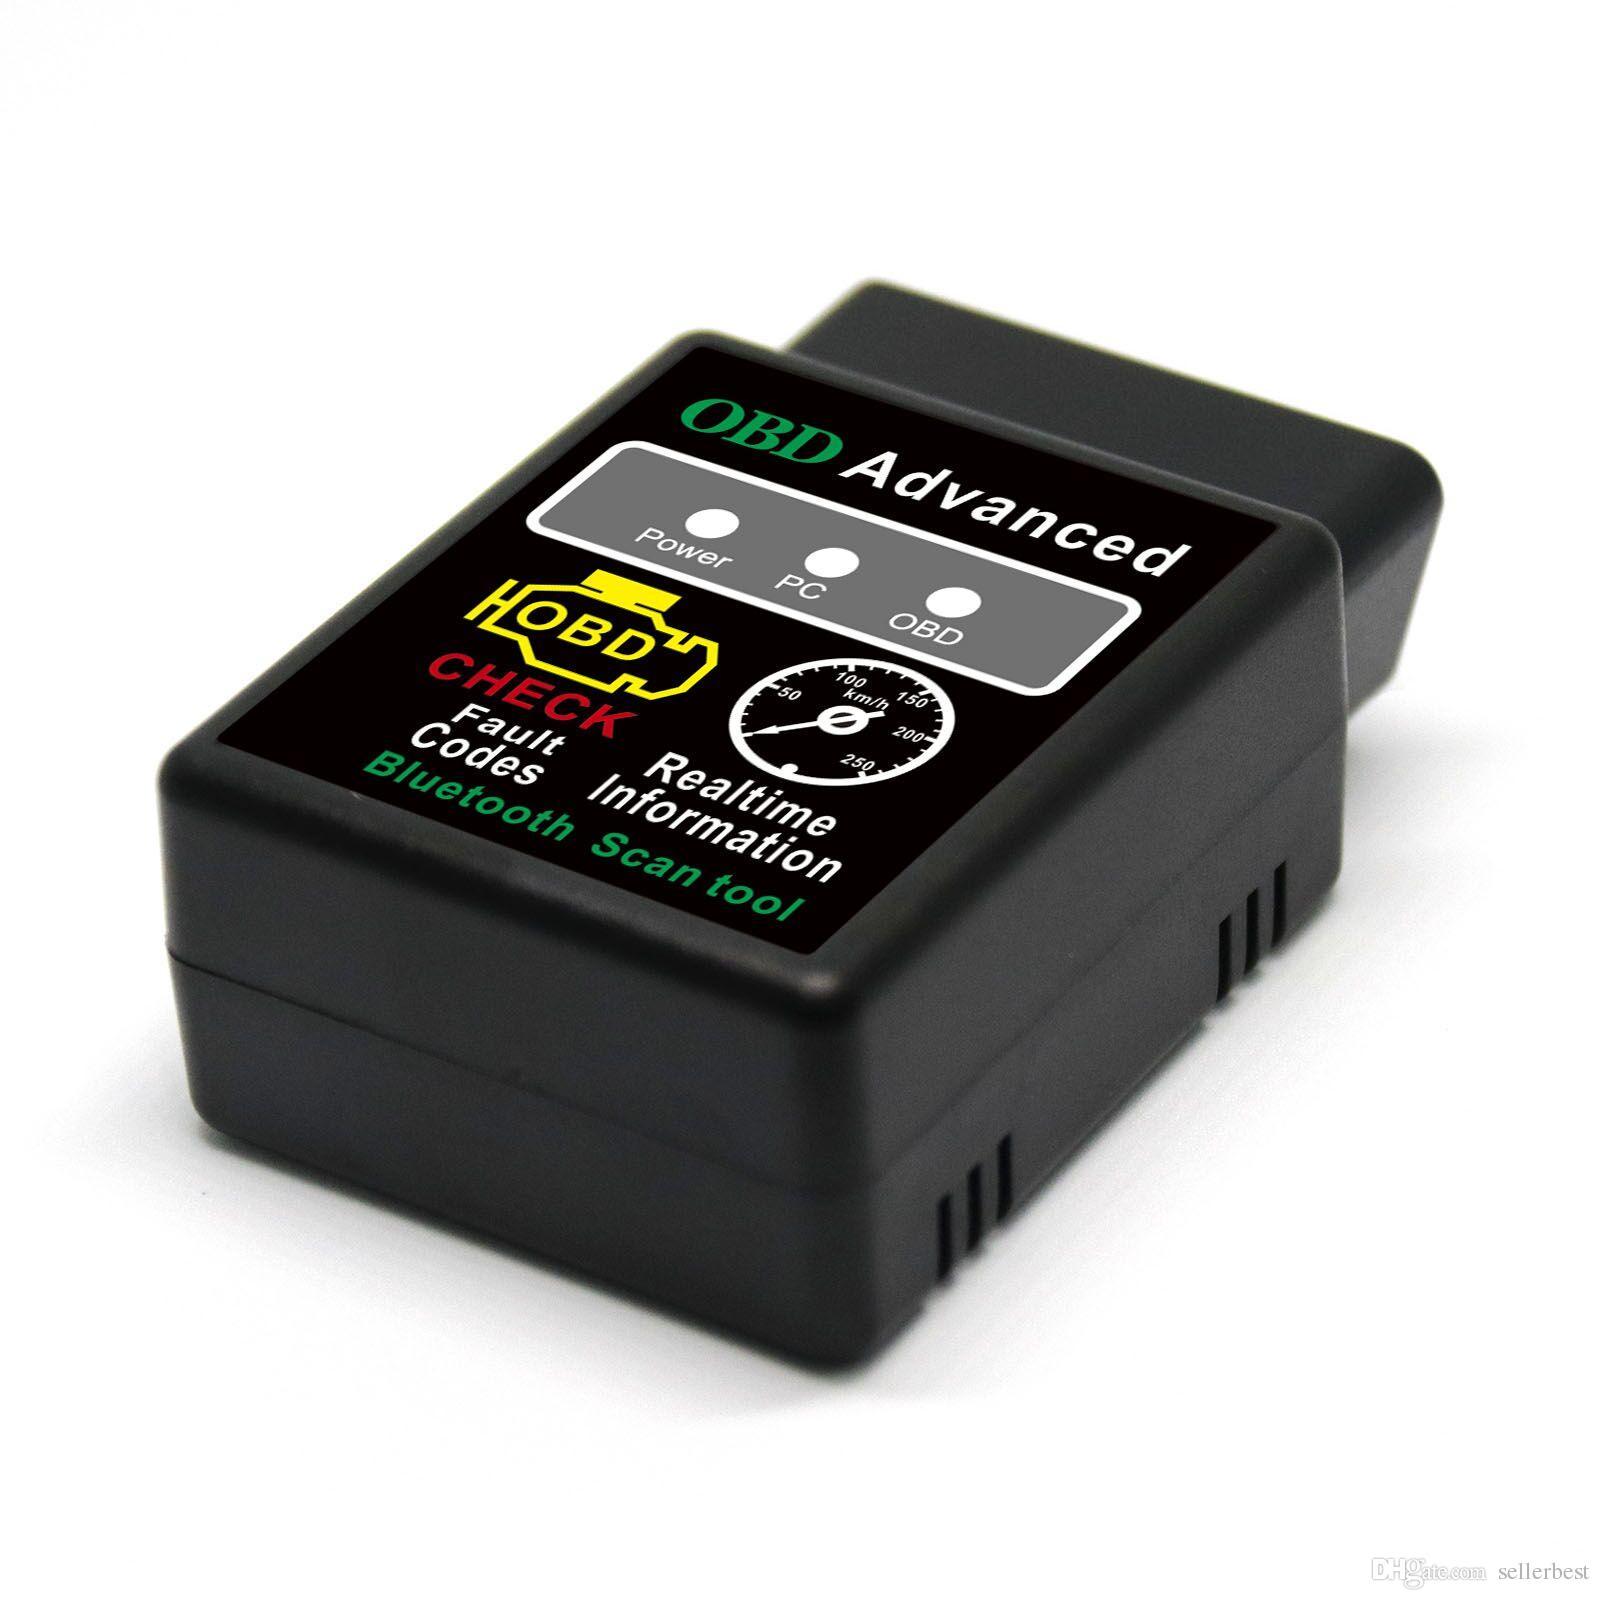 Outil d'analyse Vgate Qualité A + V1.5 Version 1.5 Super OBD Analyser mini elm327 Bluetooth elm 327 OBDII OBD2 Diagnostic automatique